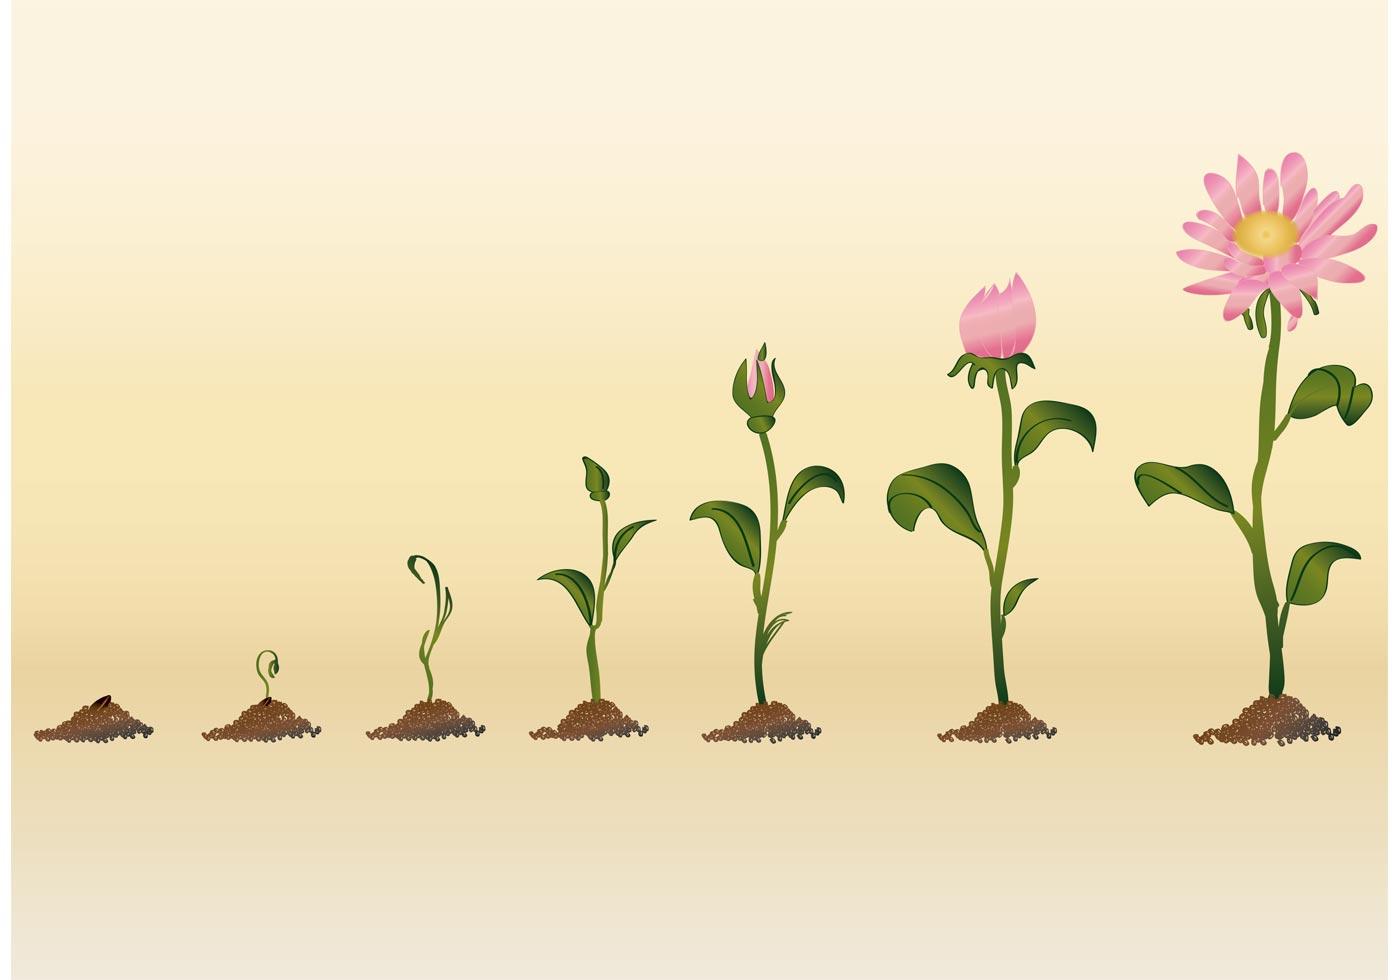 developing flower